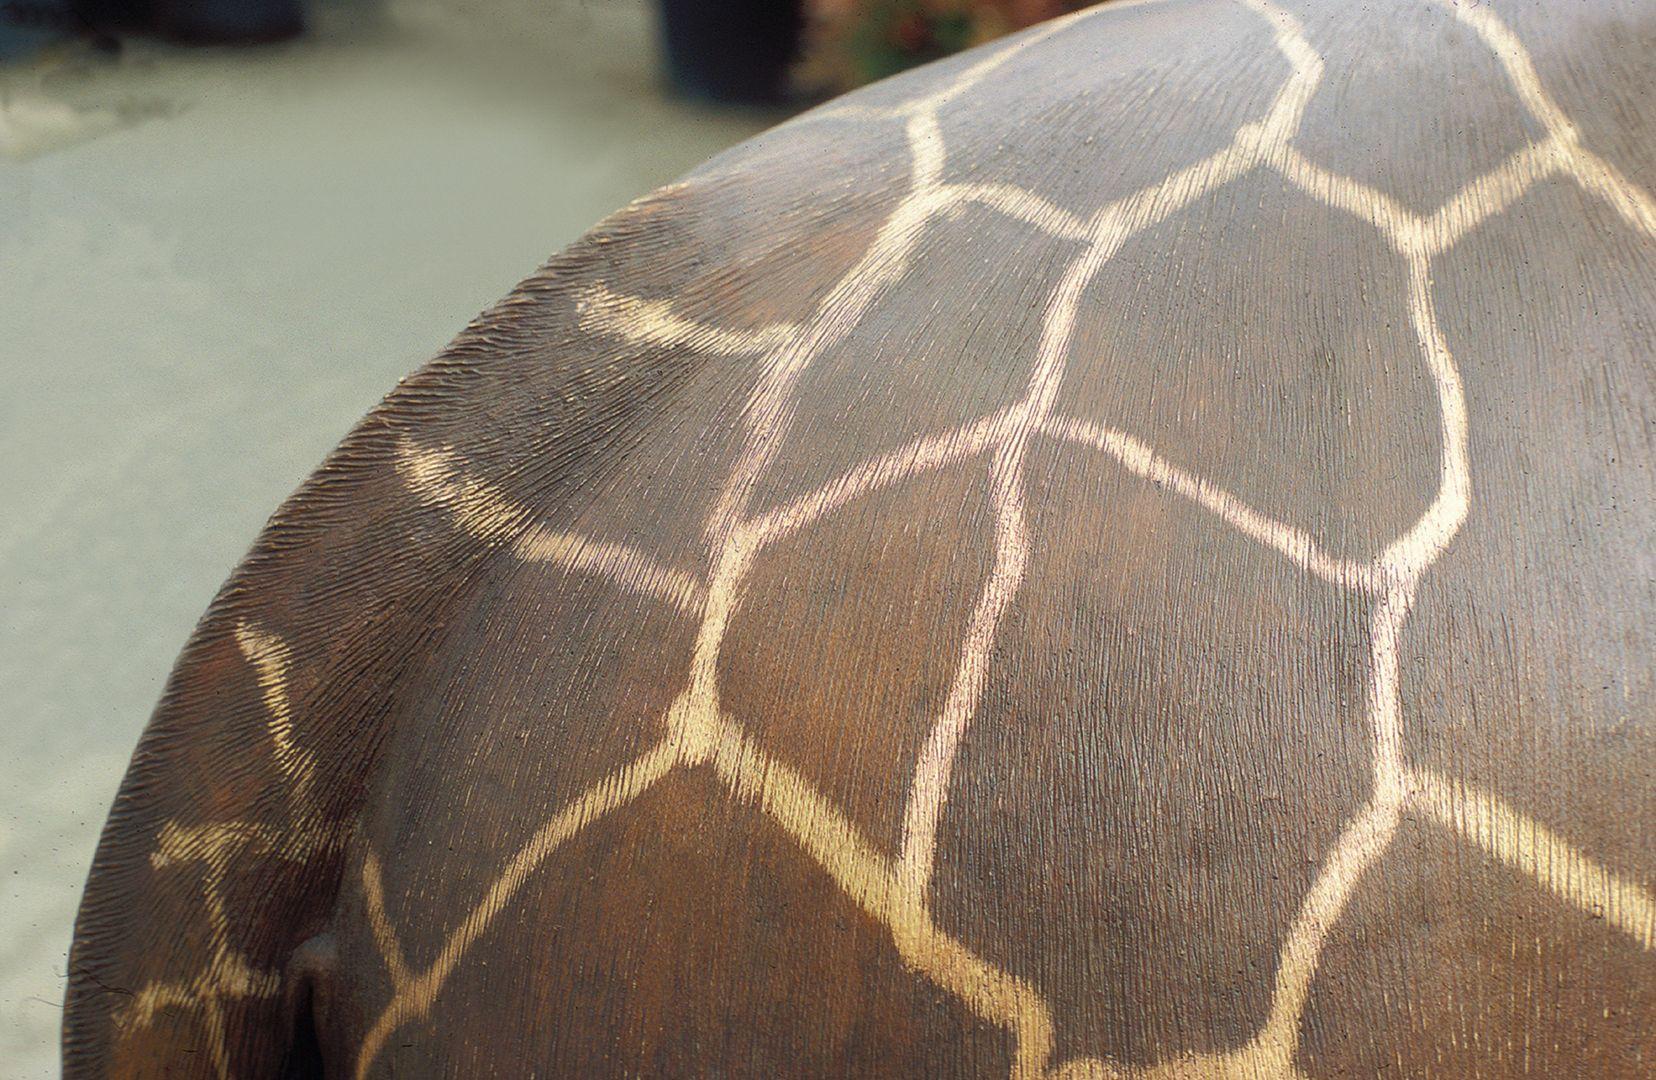 Netzgiraffe Rücken und Schwanz, Detail